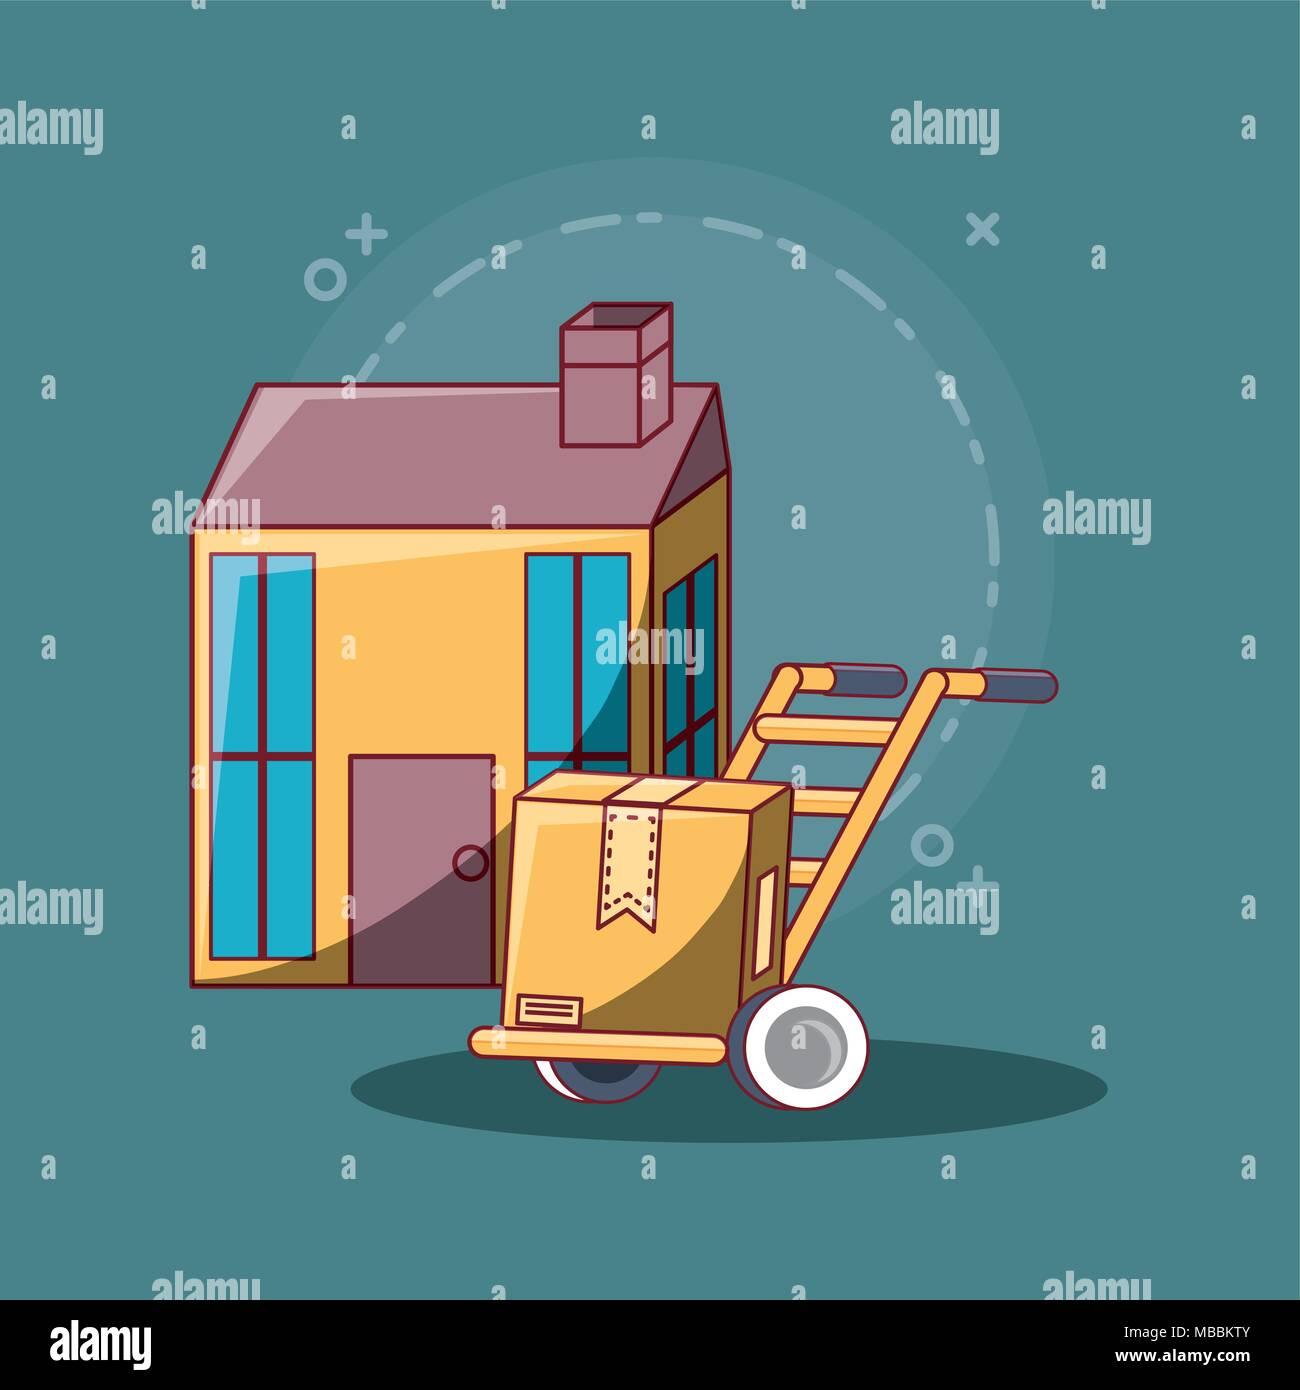 Entrega Gratuita Diseno Con Casa Y Carro De Mano House Sobre